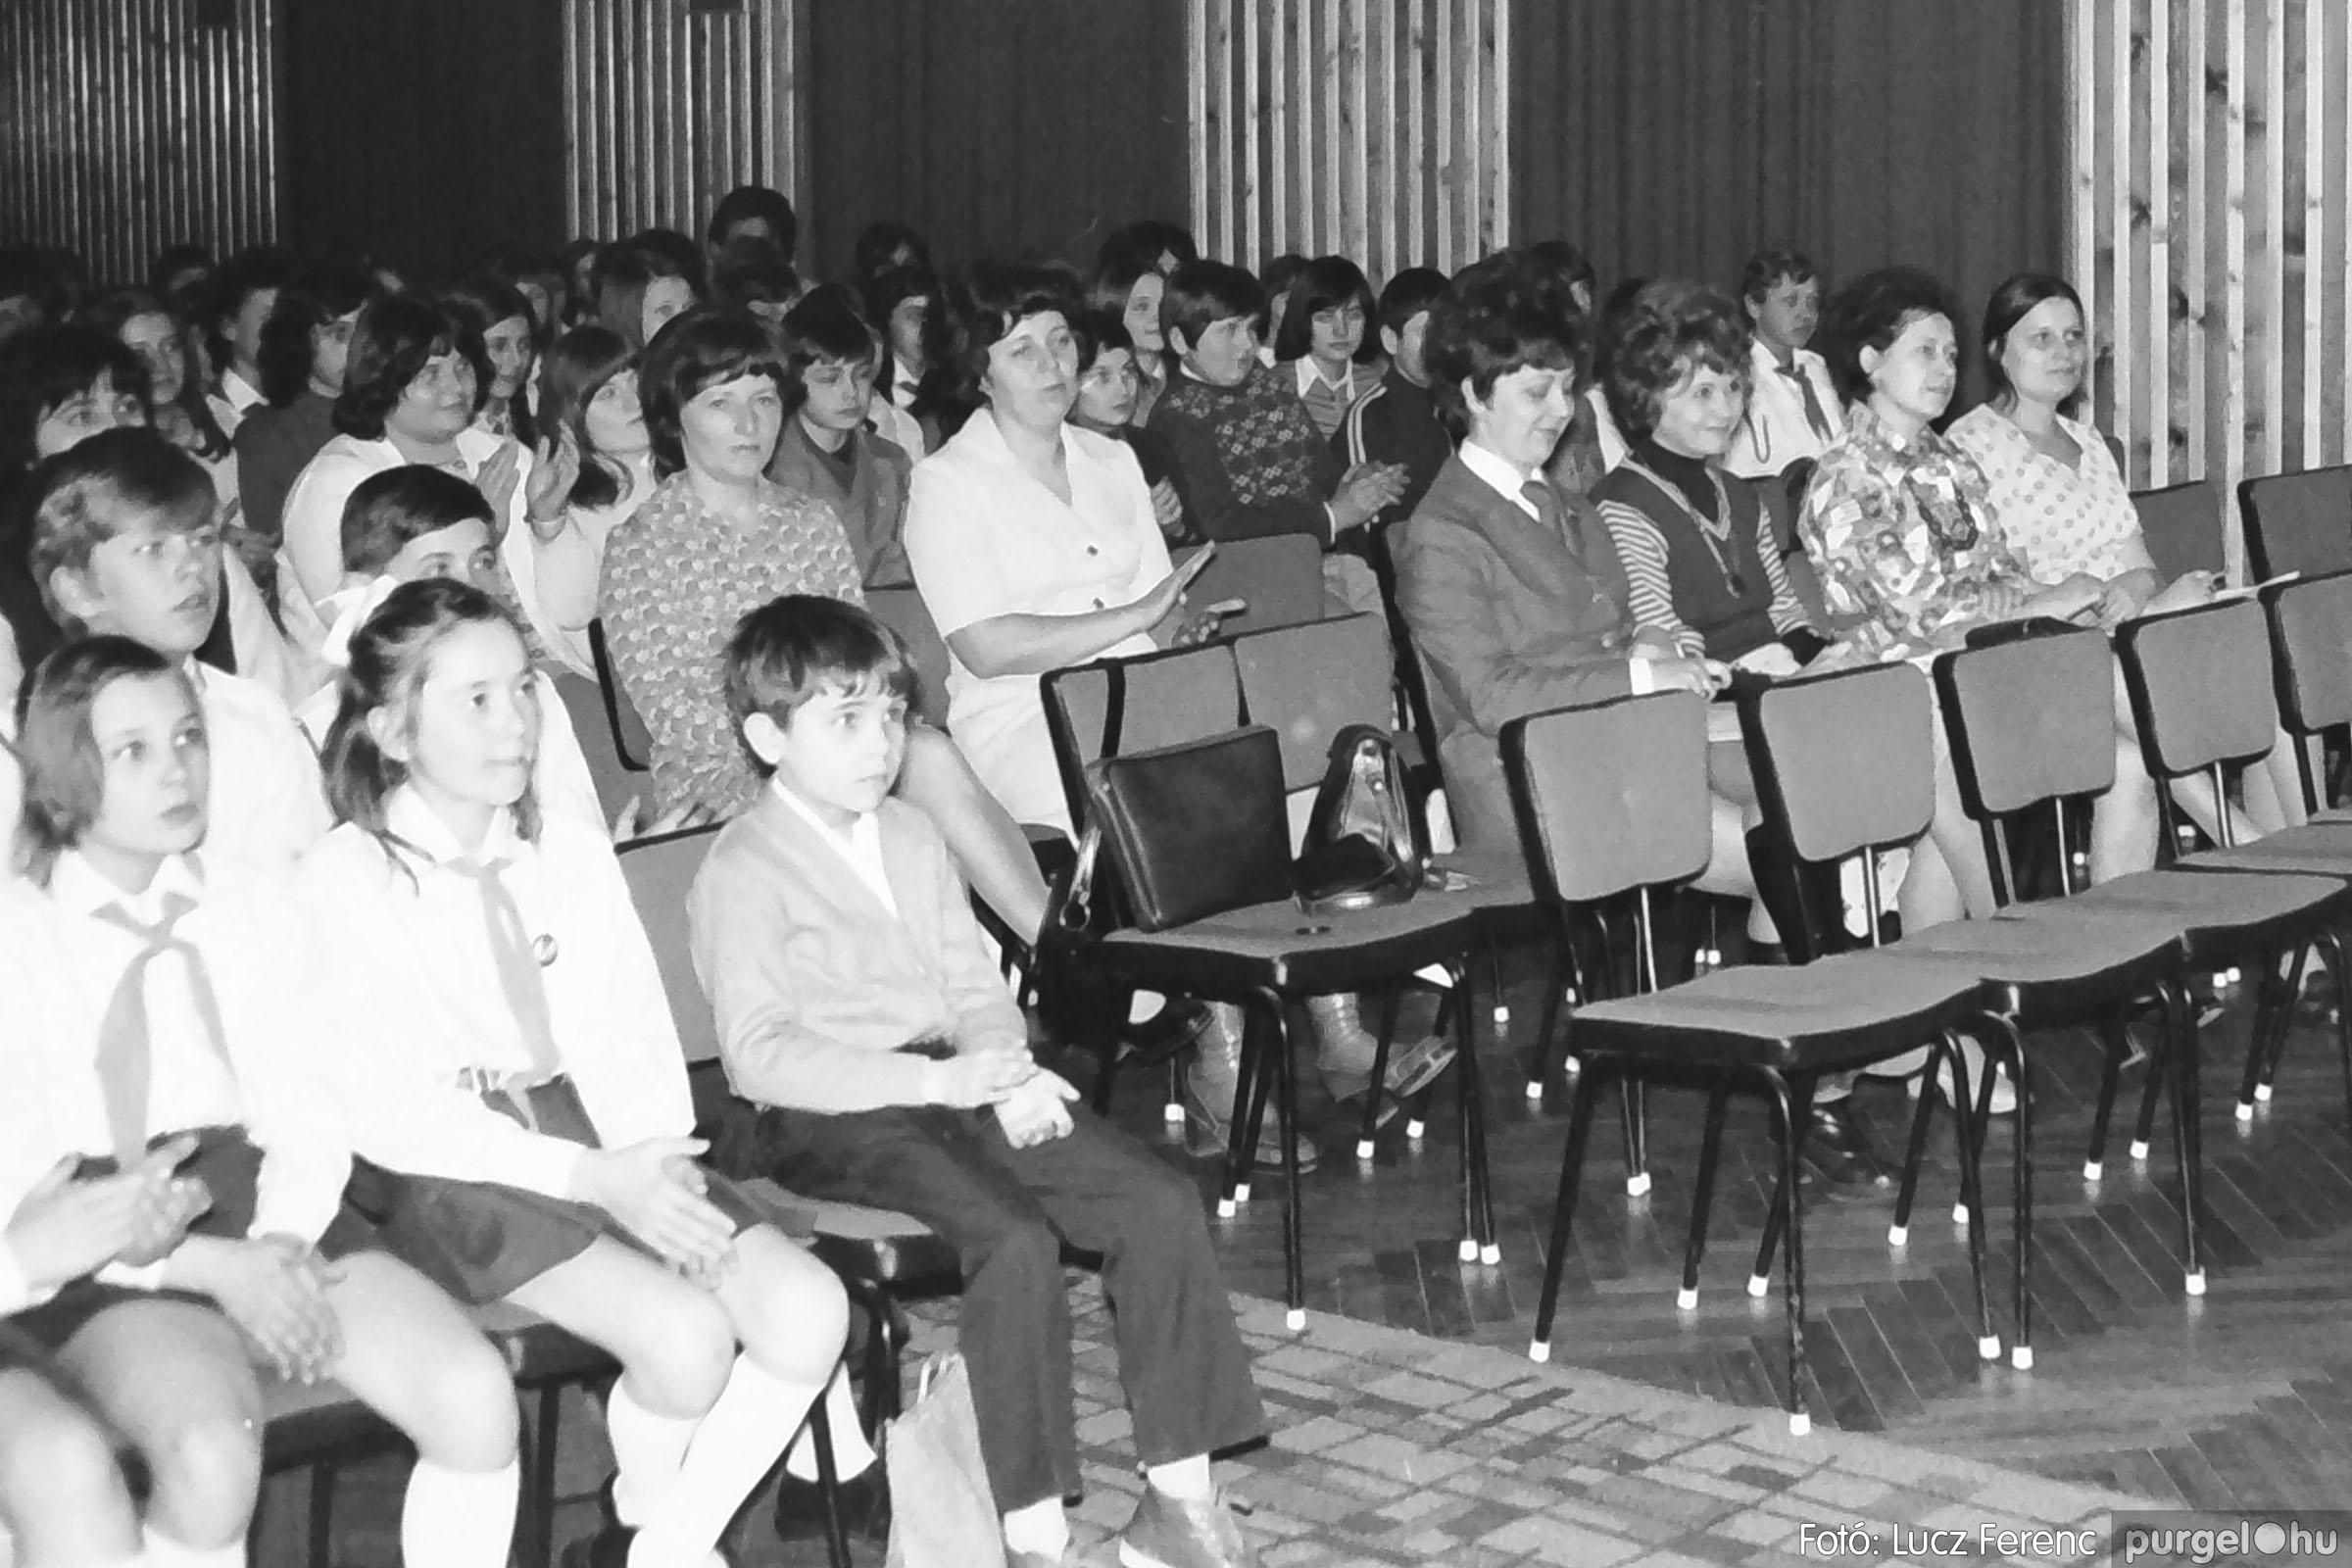 036-037. 1976. Diákprogram a kultúrházban 006 - Fotó: Lucz Ferenc.jpg